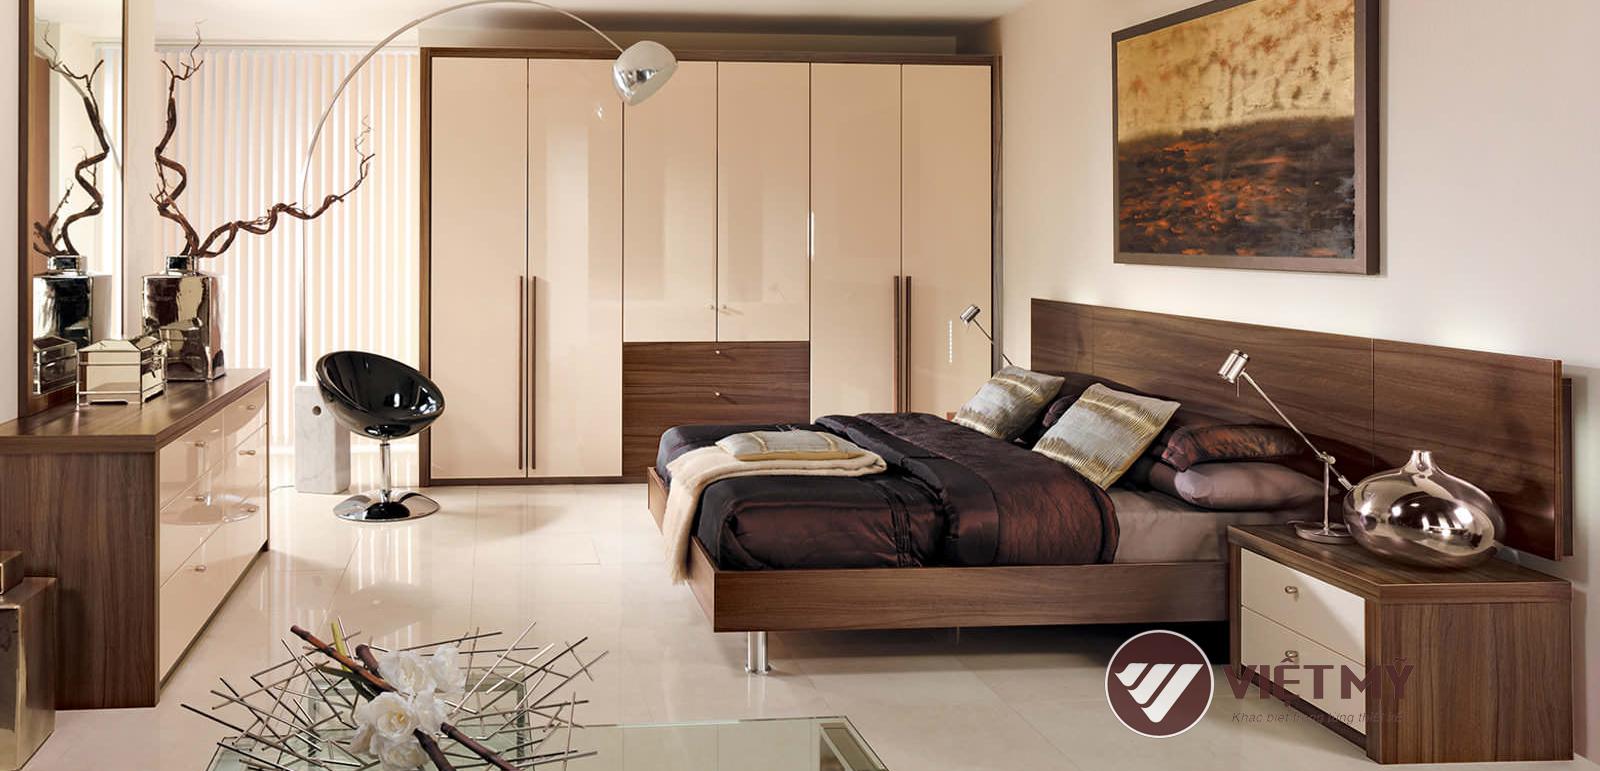 Thiết kế phòng ngủ gỗ óc chó VIỆT MỸ